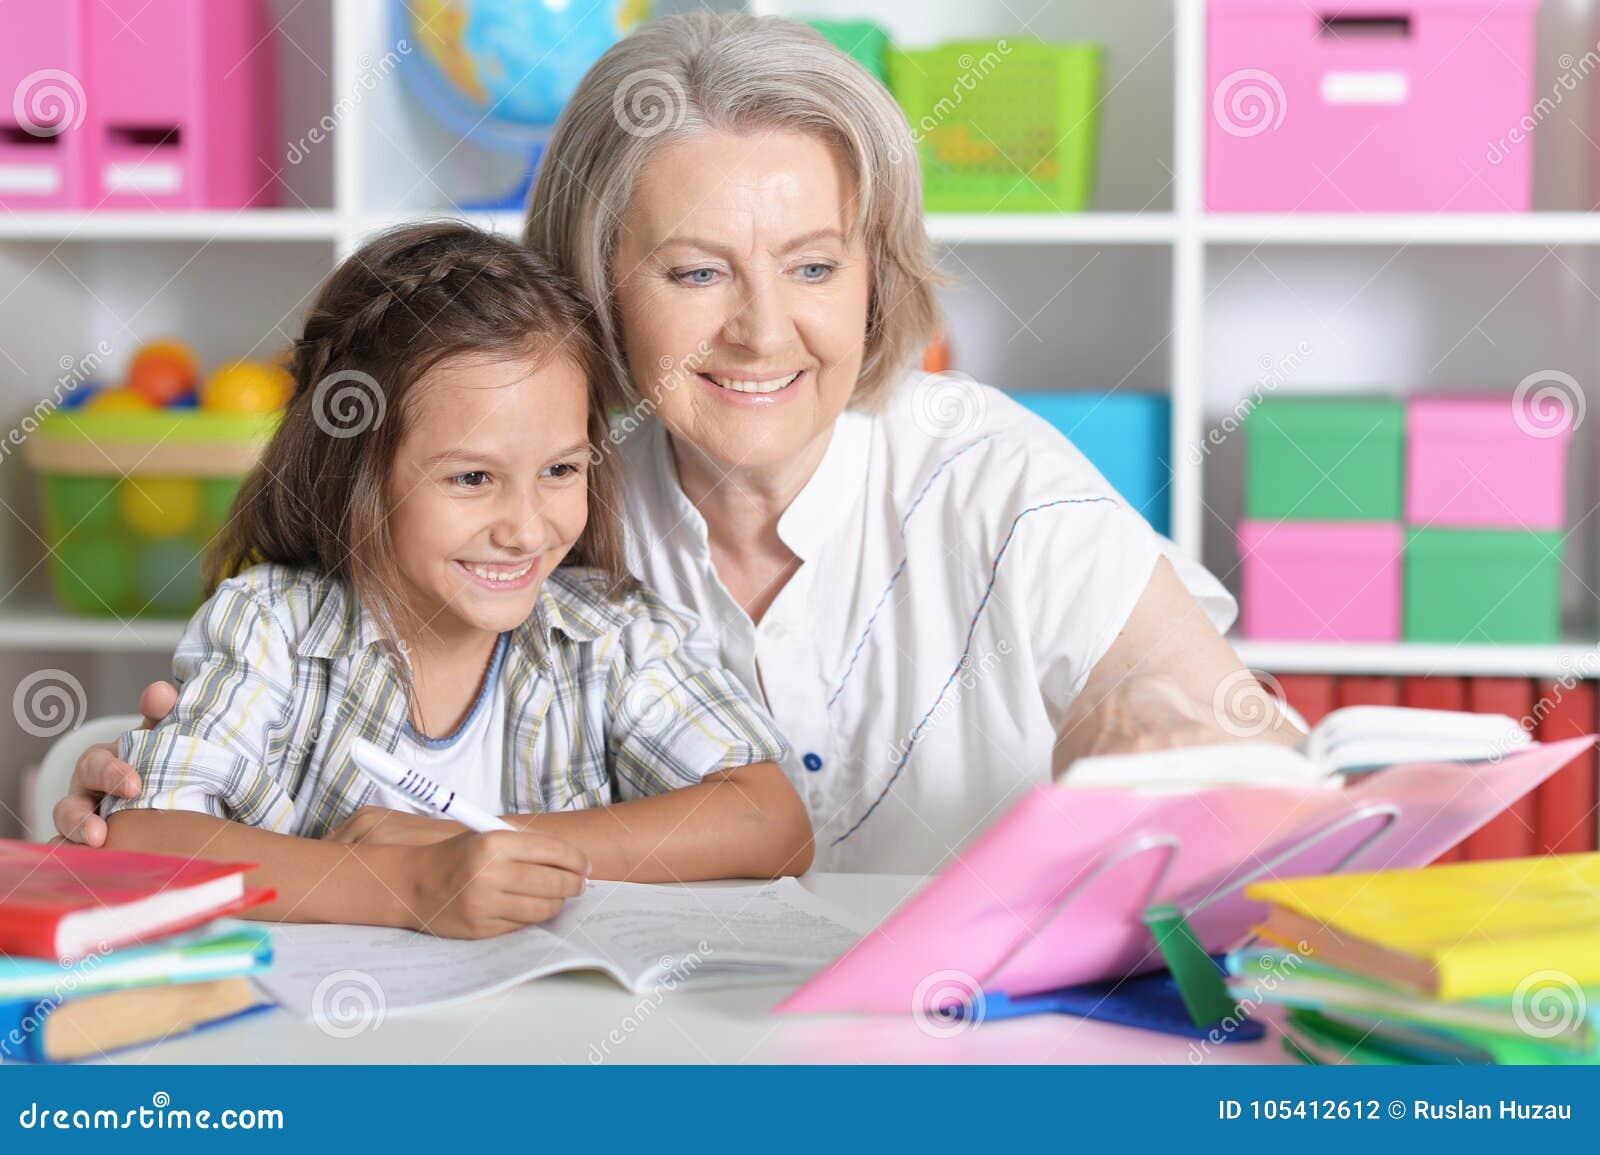 Oma Und Teenie Tun Sich Zusammen